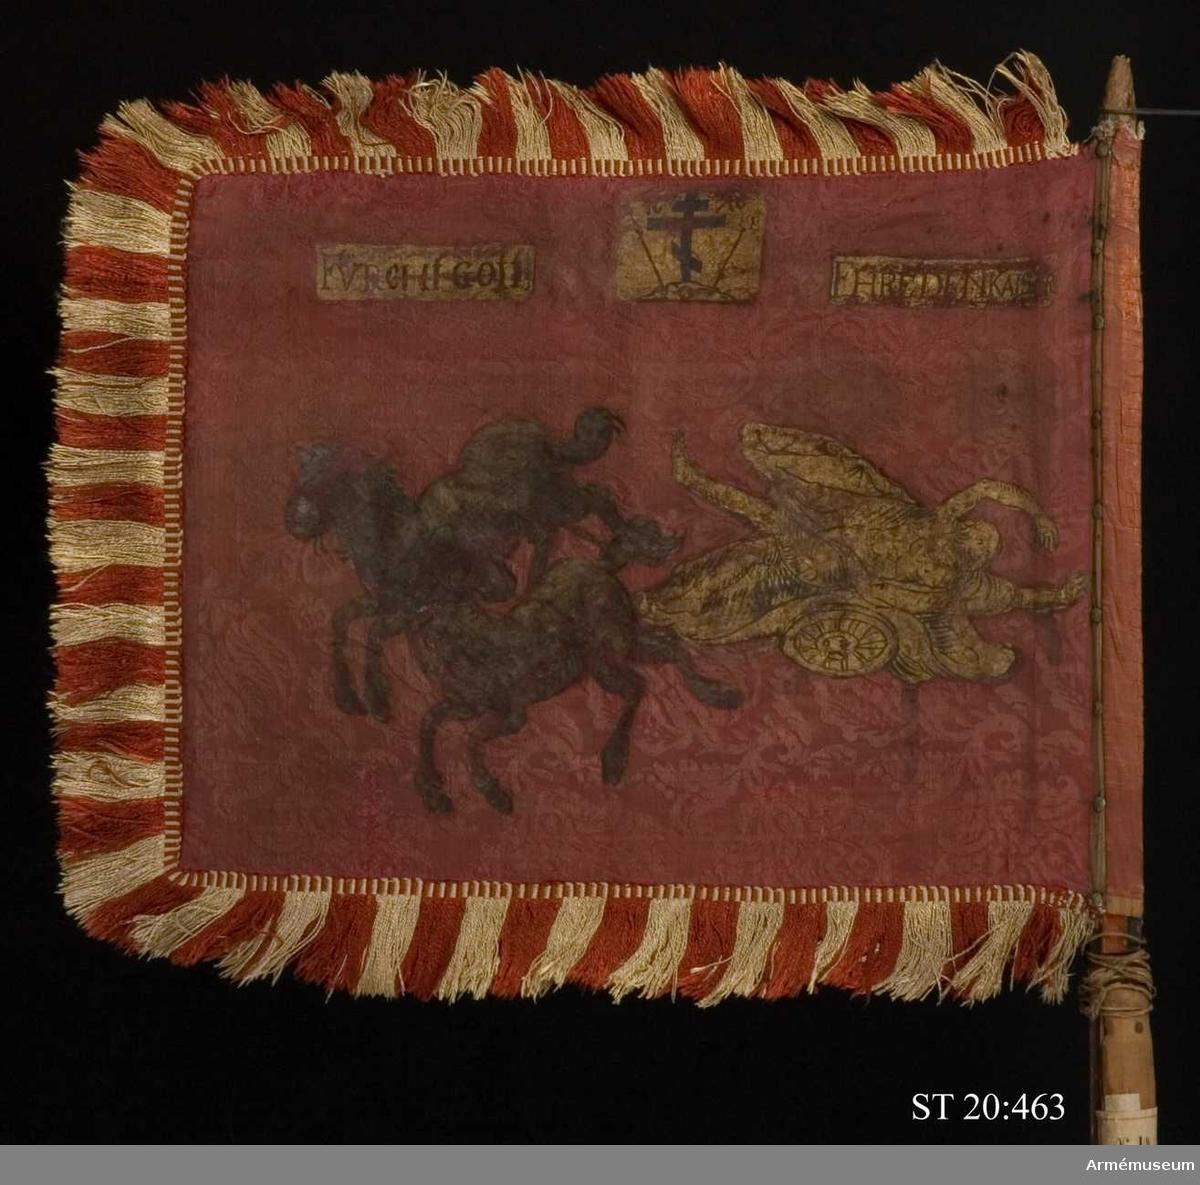 """På en röd europeisk sidendamast i guld- och silvermålning avbildas Faetons färd med solvagnen. Upptill syns en tysk devis: """"Furcht Gott/ Ehre den kaiser"""" (Frukta Gud och ära kejsaren) samt ett rysk-ortodoxt kors."""